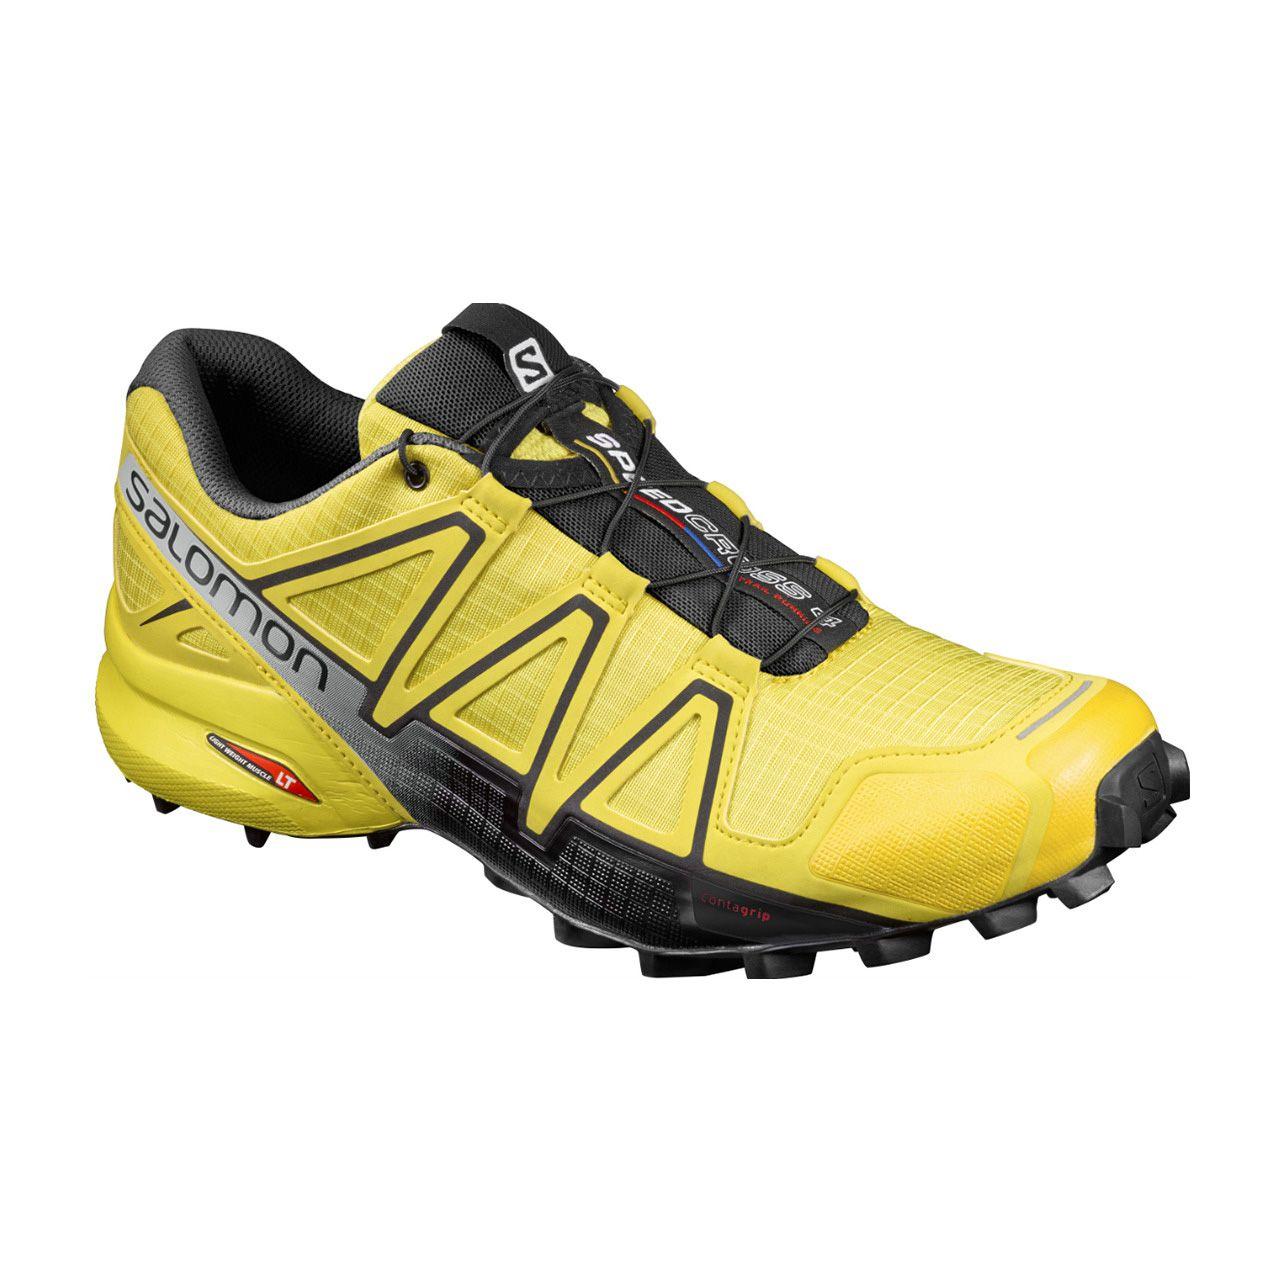 Tênis Salomon Speedcross 4 - Amarelo/Preto